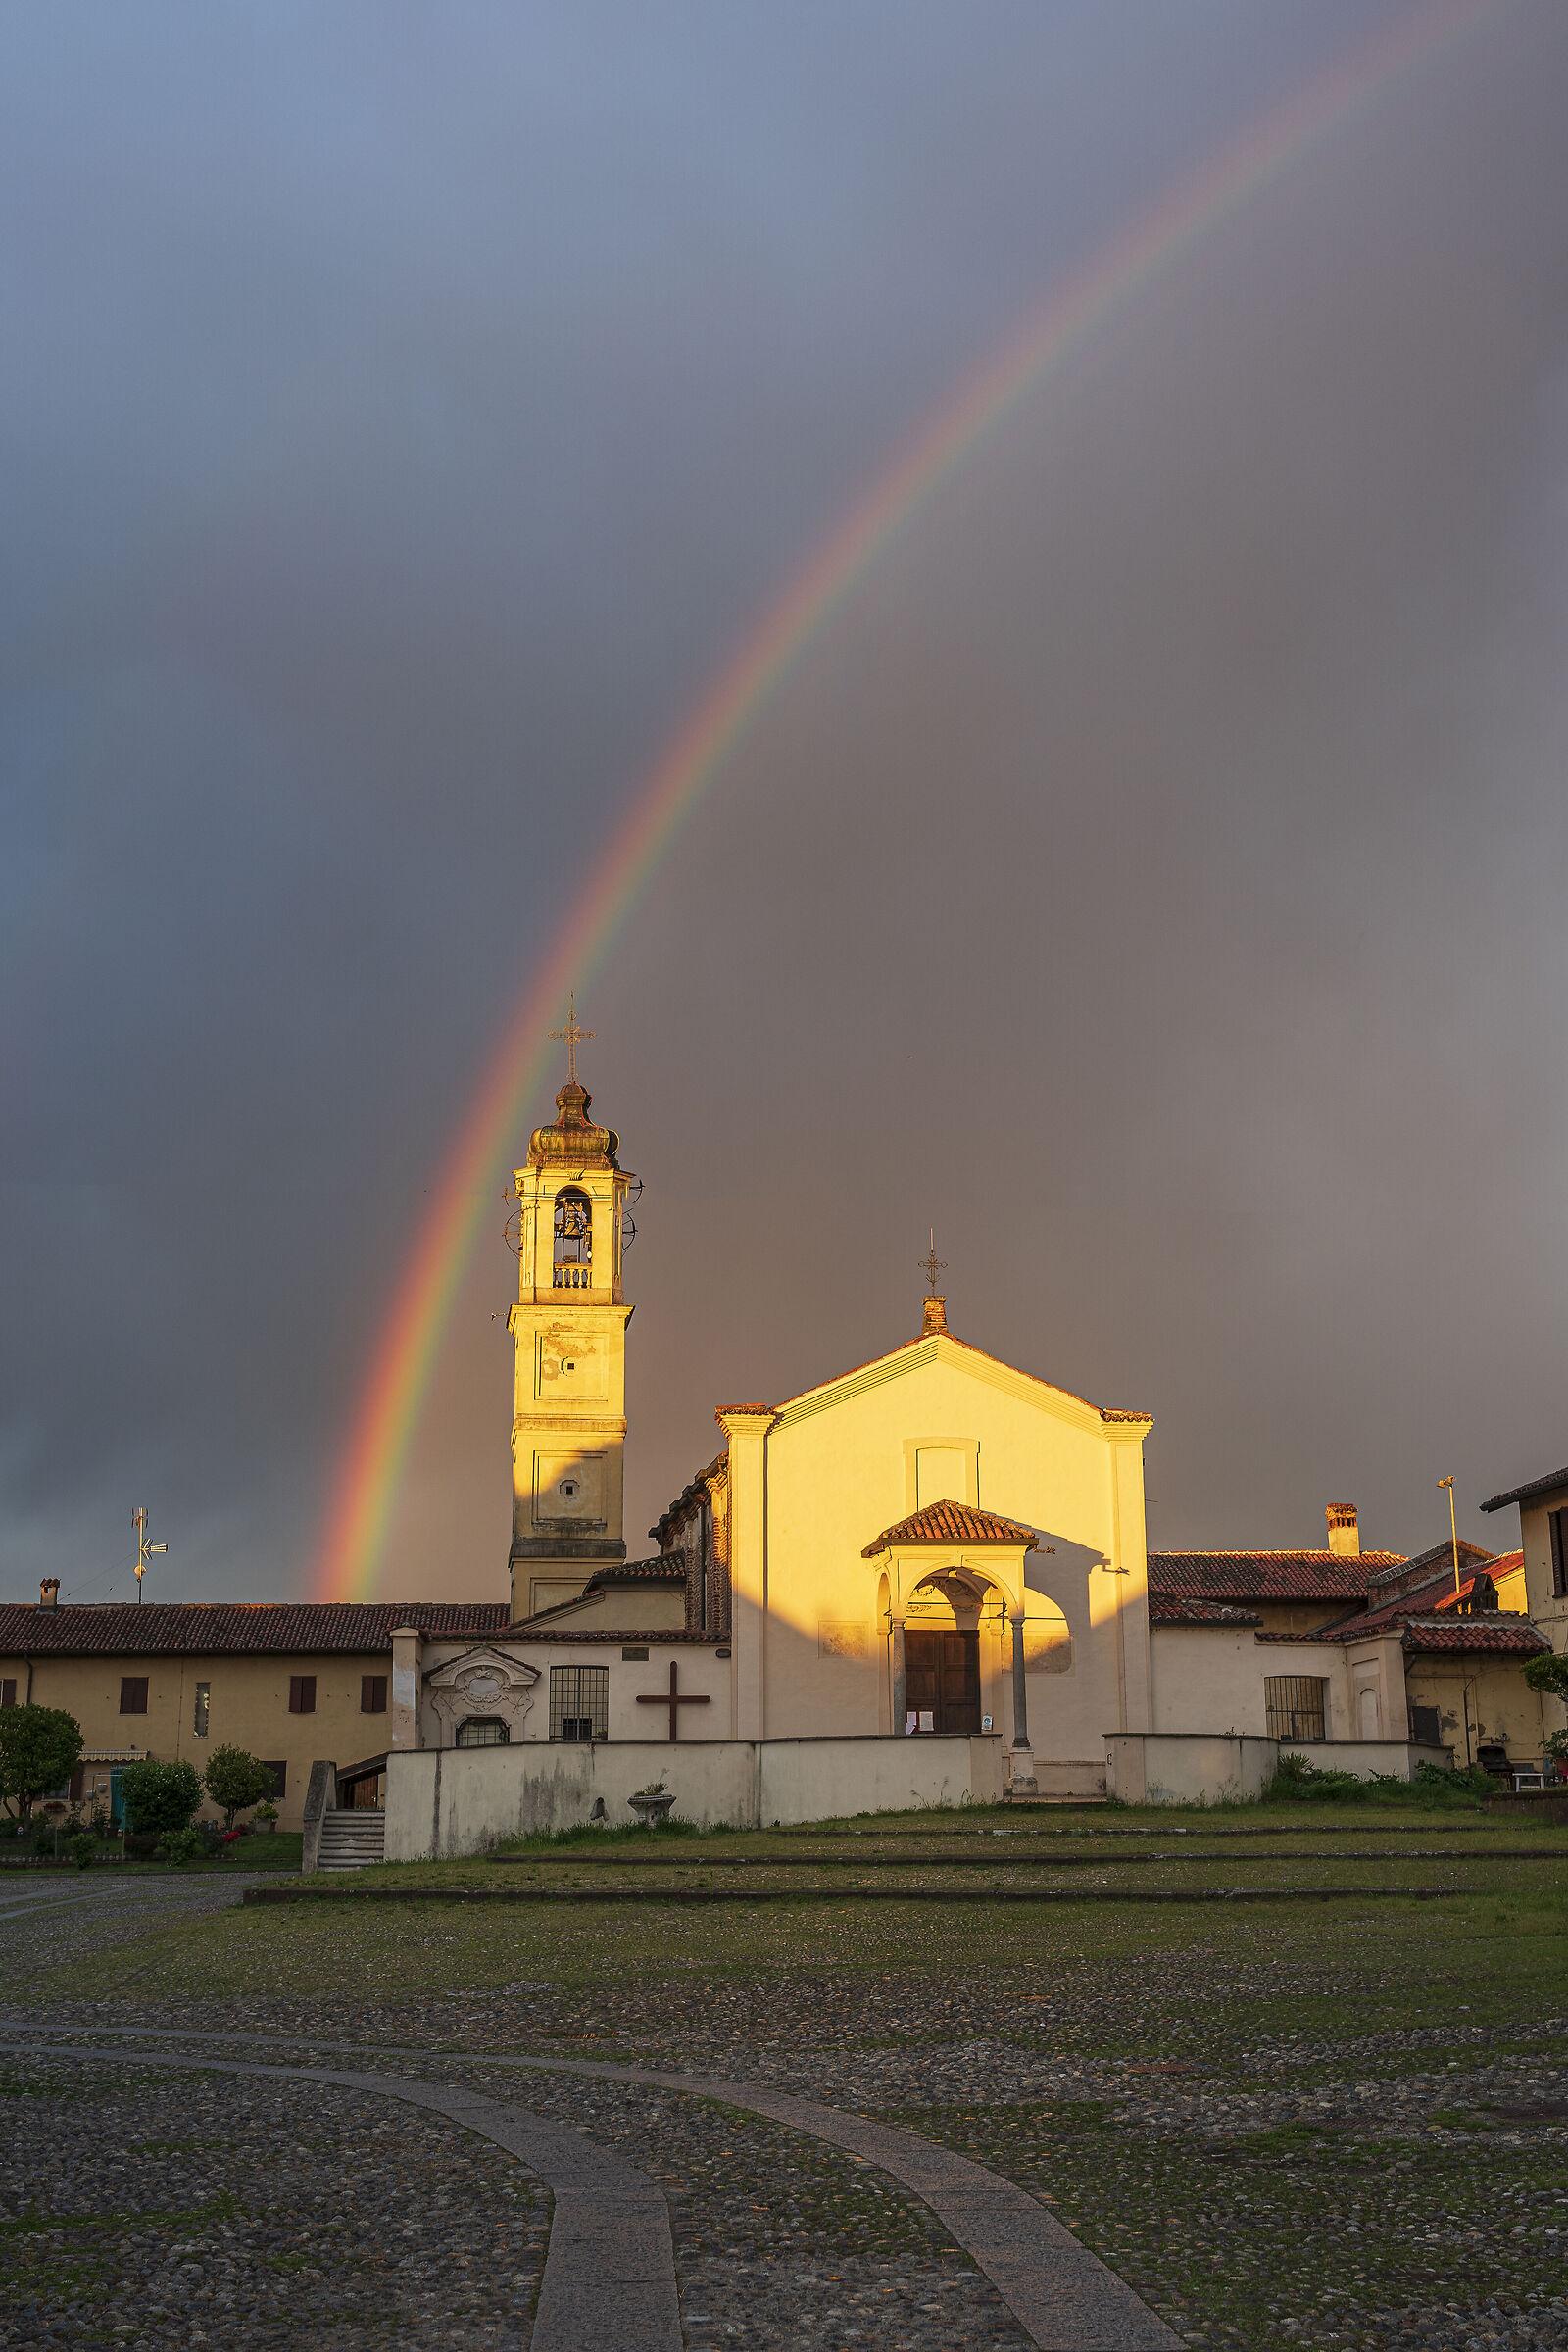 the rainbow...